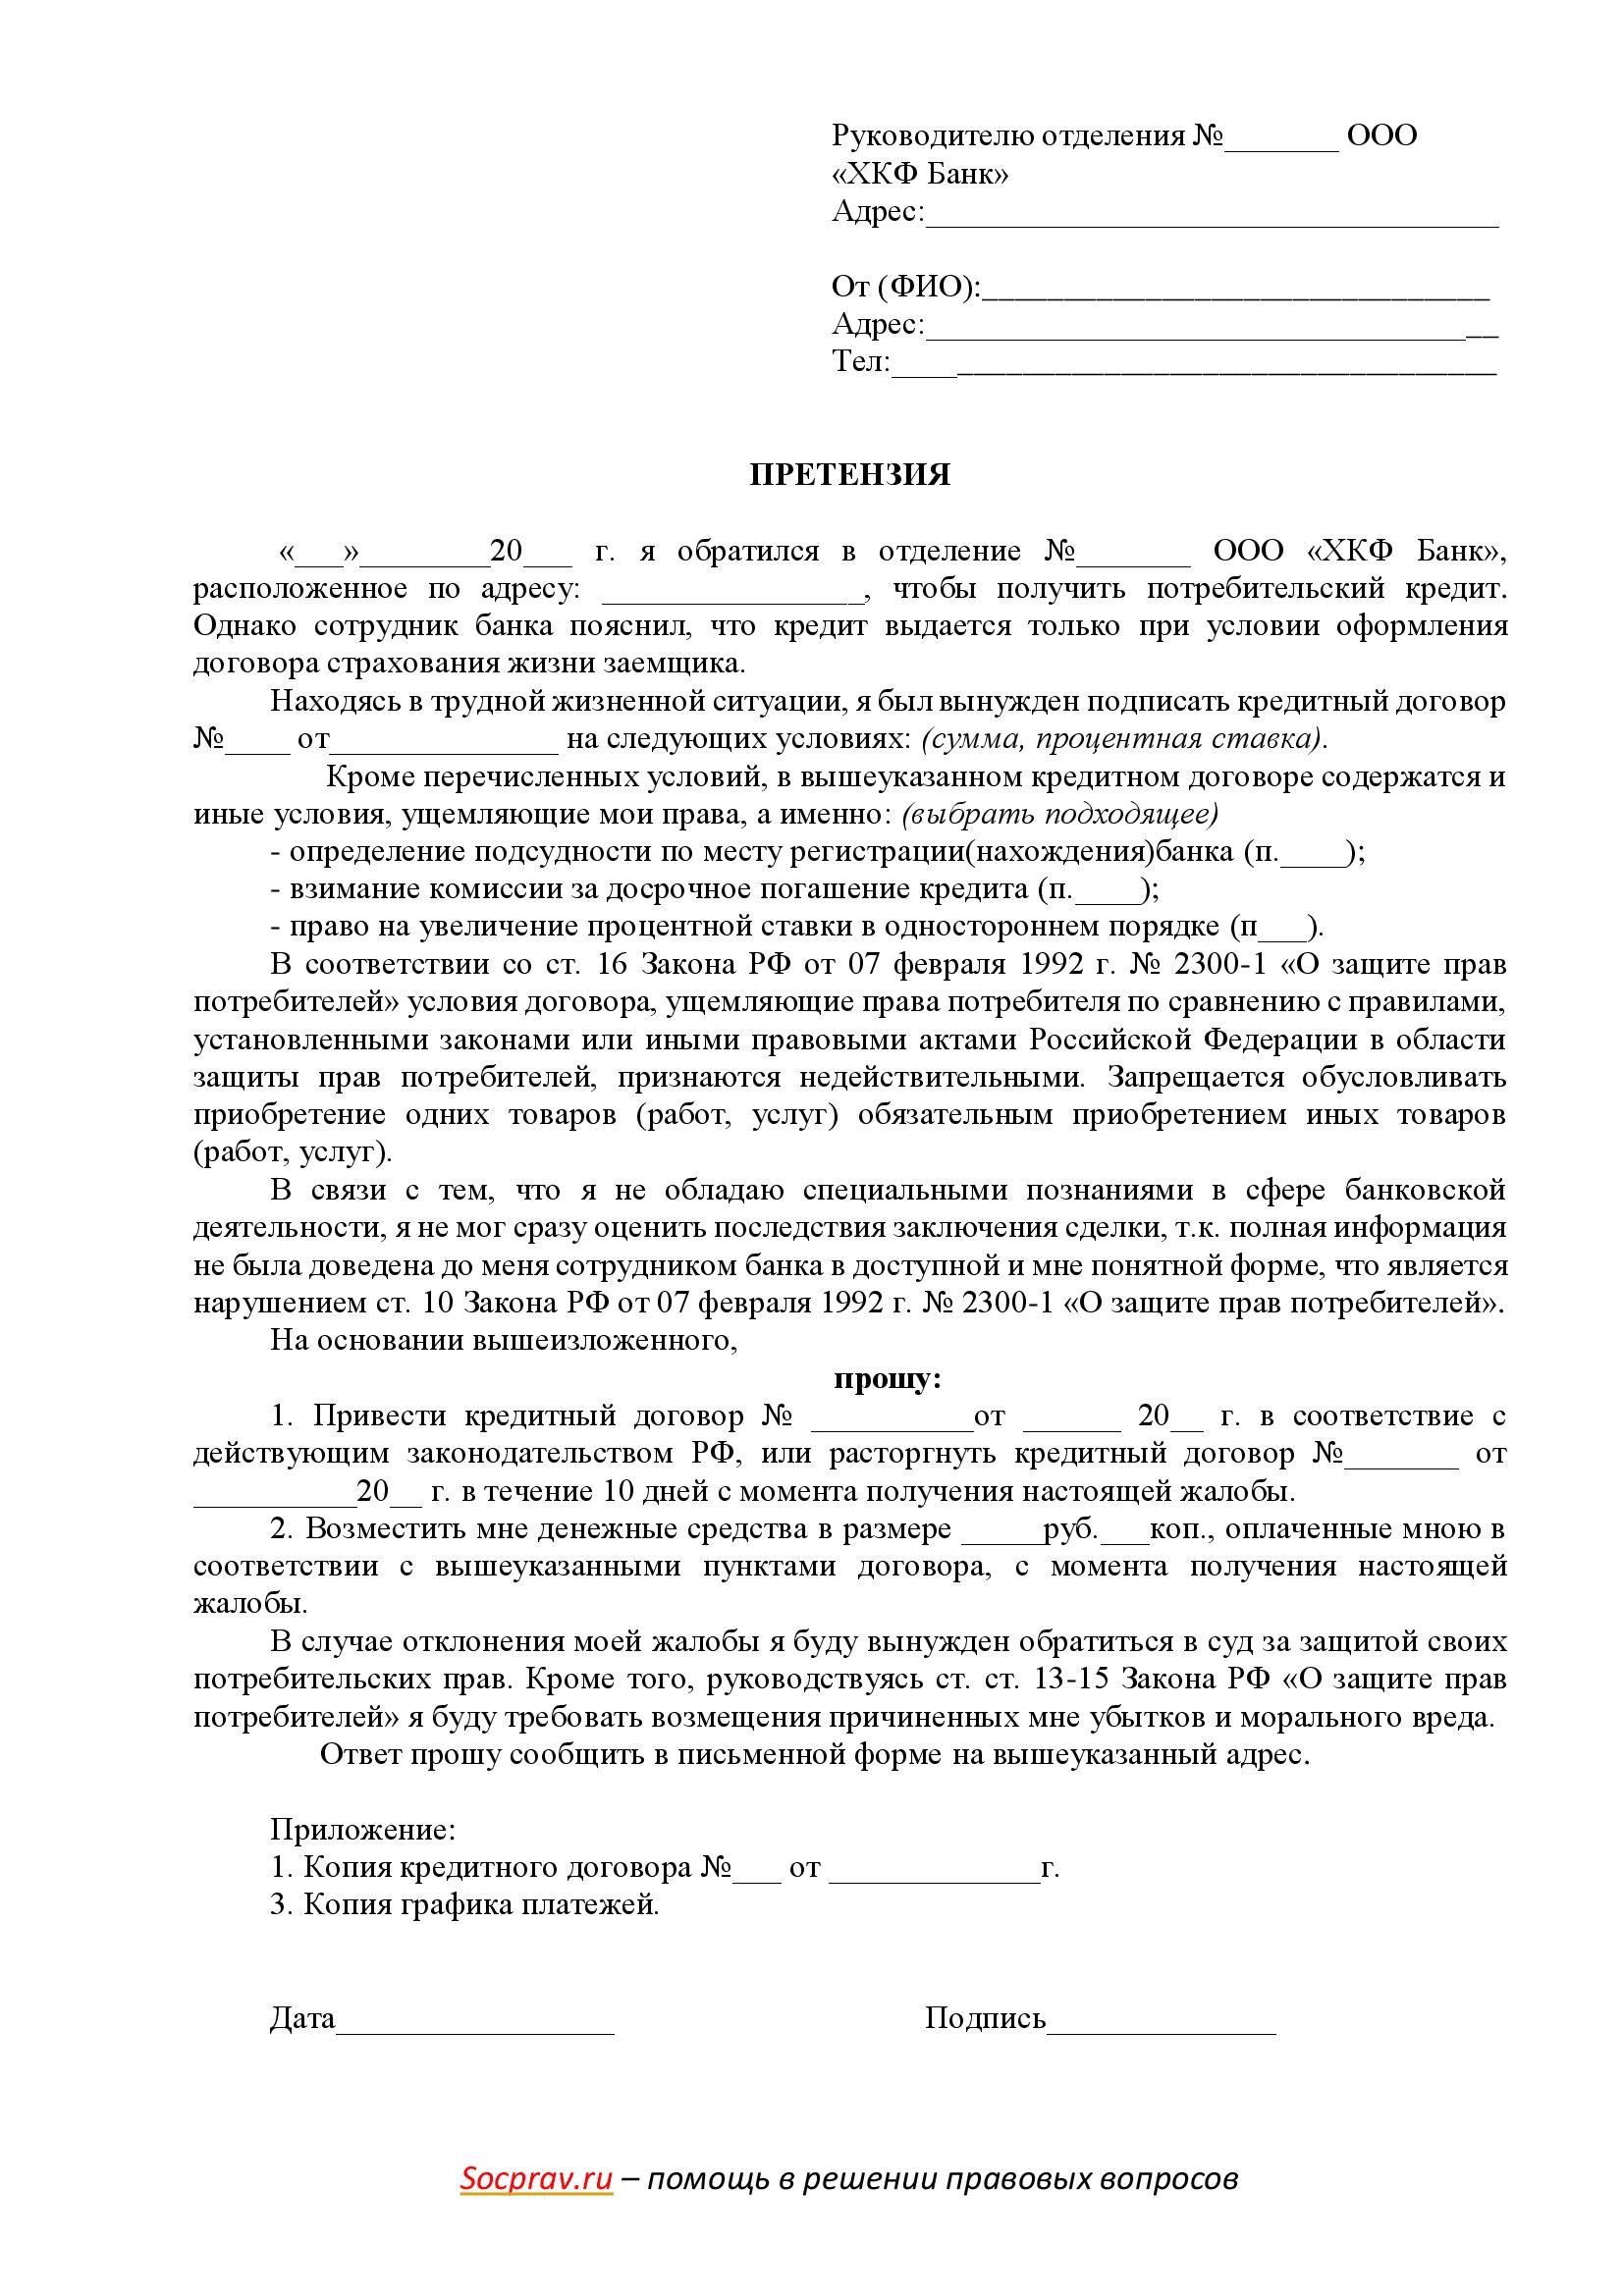 Претензия в ХКФ Банк